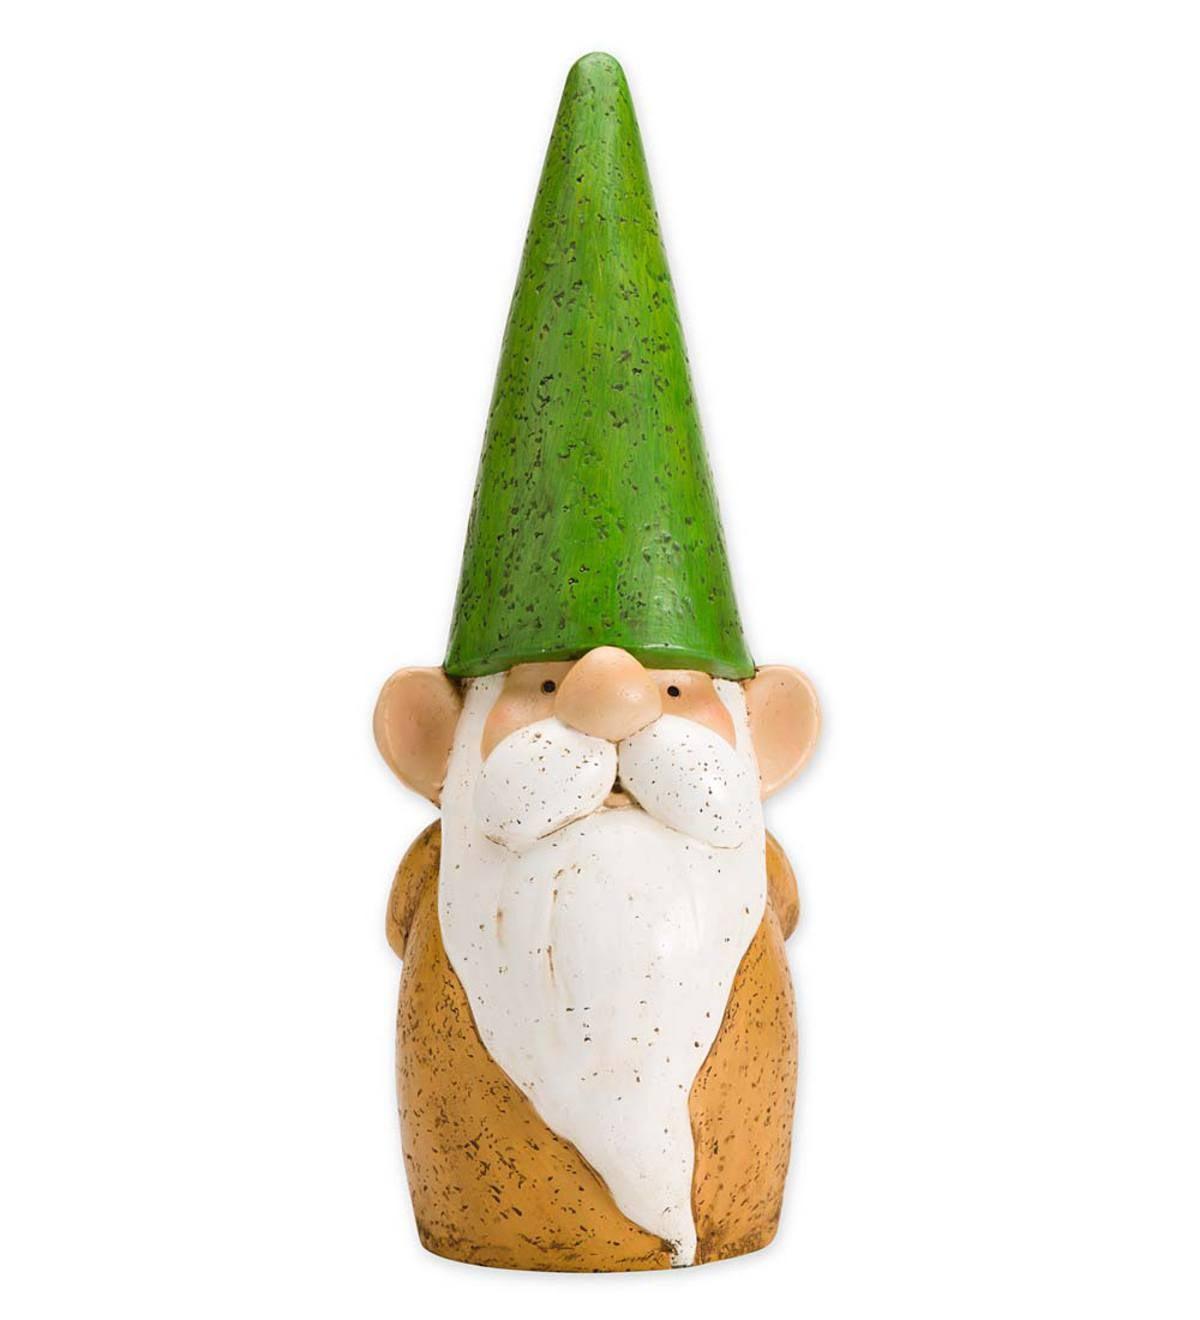 Gnome Garden: Small Resin Garden Gnome